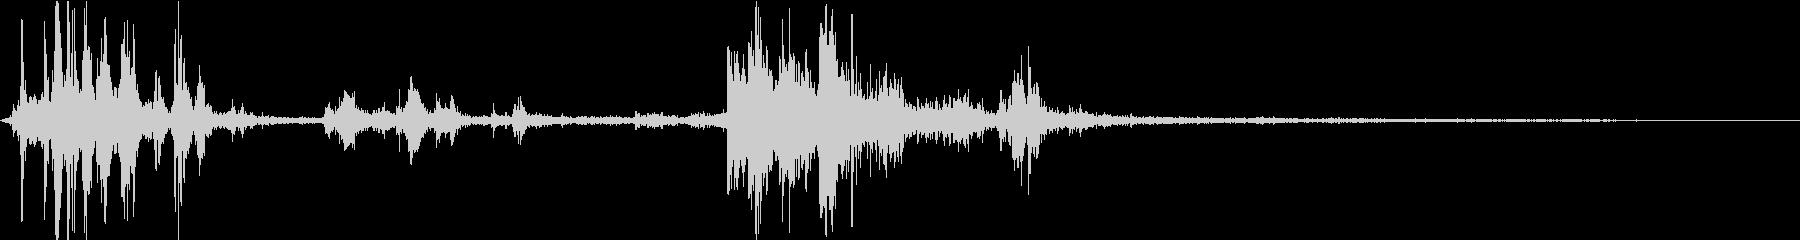 【自然音】カミナリ+雨「ゴロゴロ」の未再生の波形